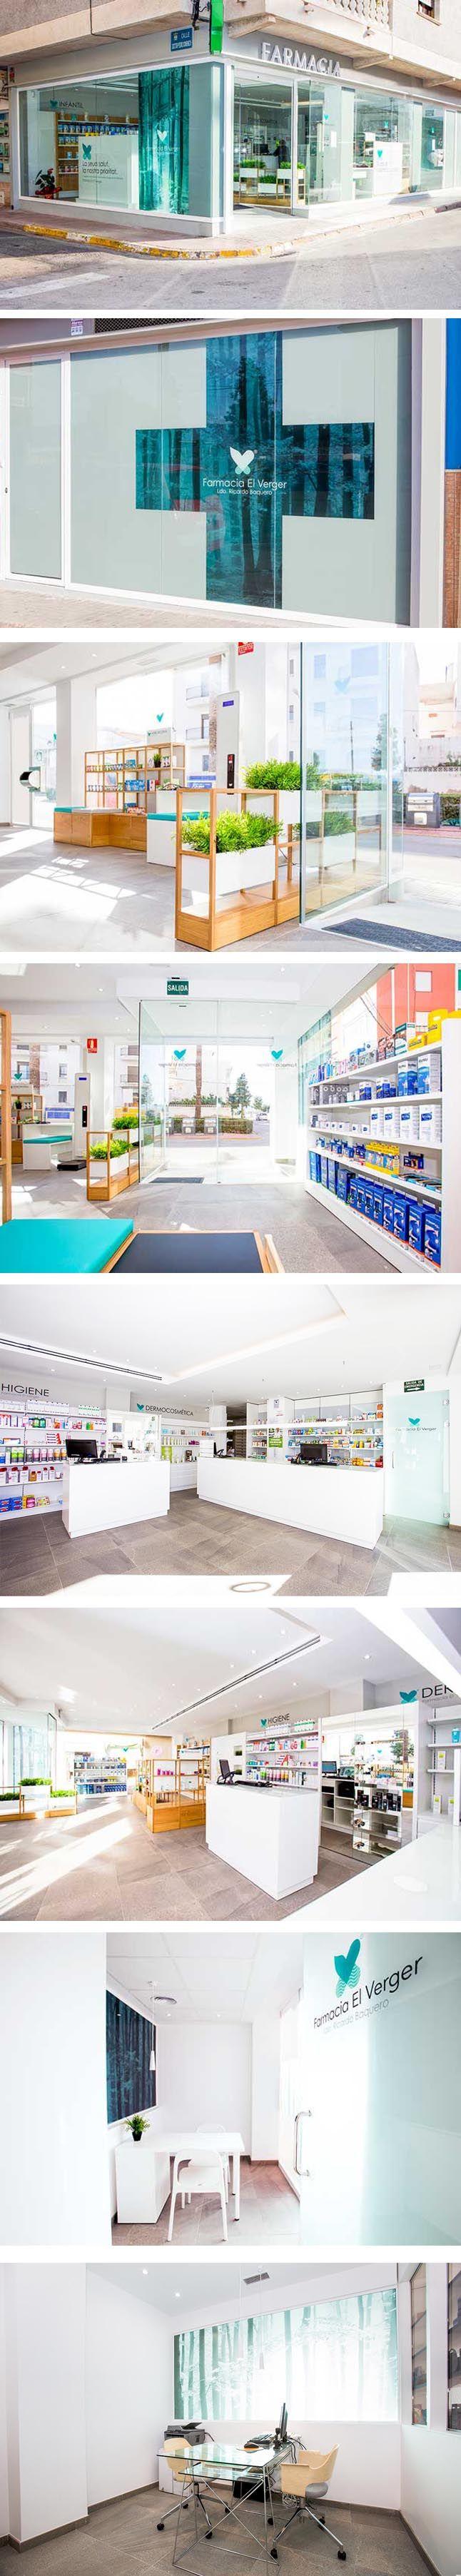 Resultado final Farmacia Verger realizada por Rosacoloma. Diseño Imagen Gráfica by G2. (Imagenes de Rosacoloma)